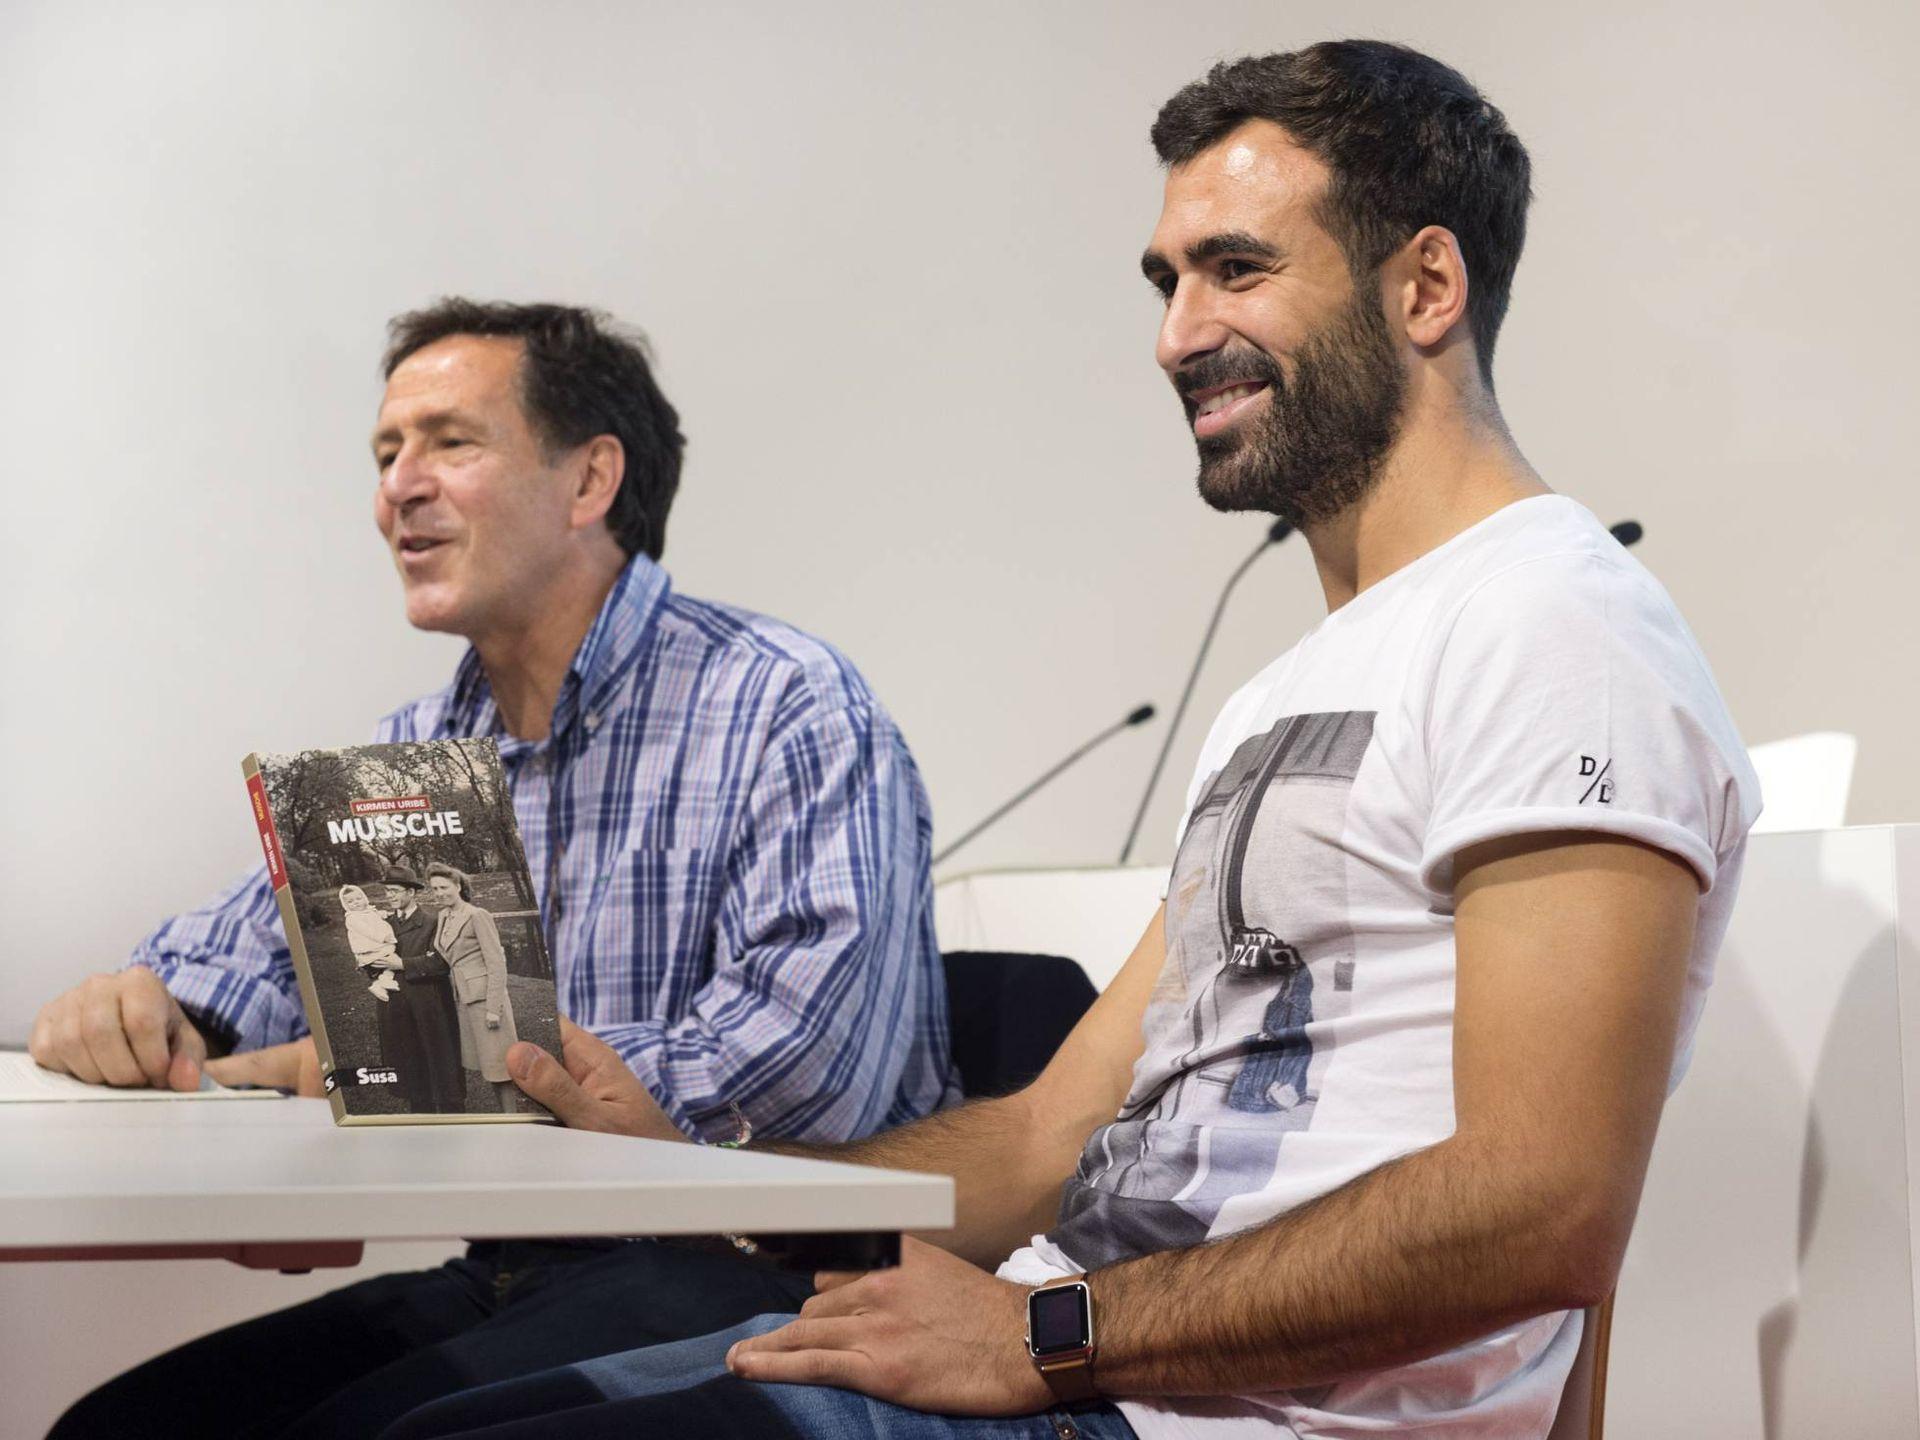 """Микел Баленсиага, който и днес е в отбора, при студентите от университета на професор Бедиалаунета през 2015 г., обсъждайки прочутата баска книга """"Mussche"""""""